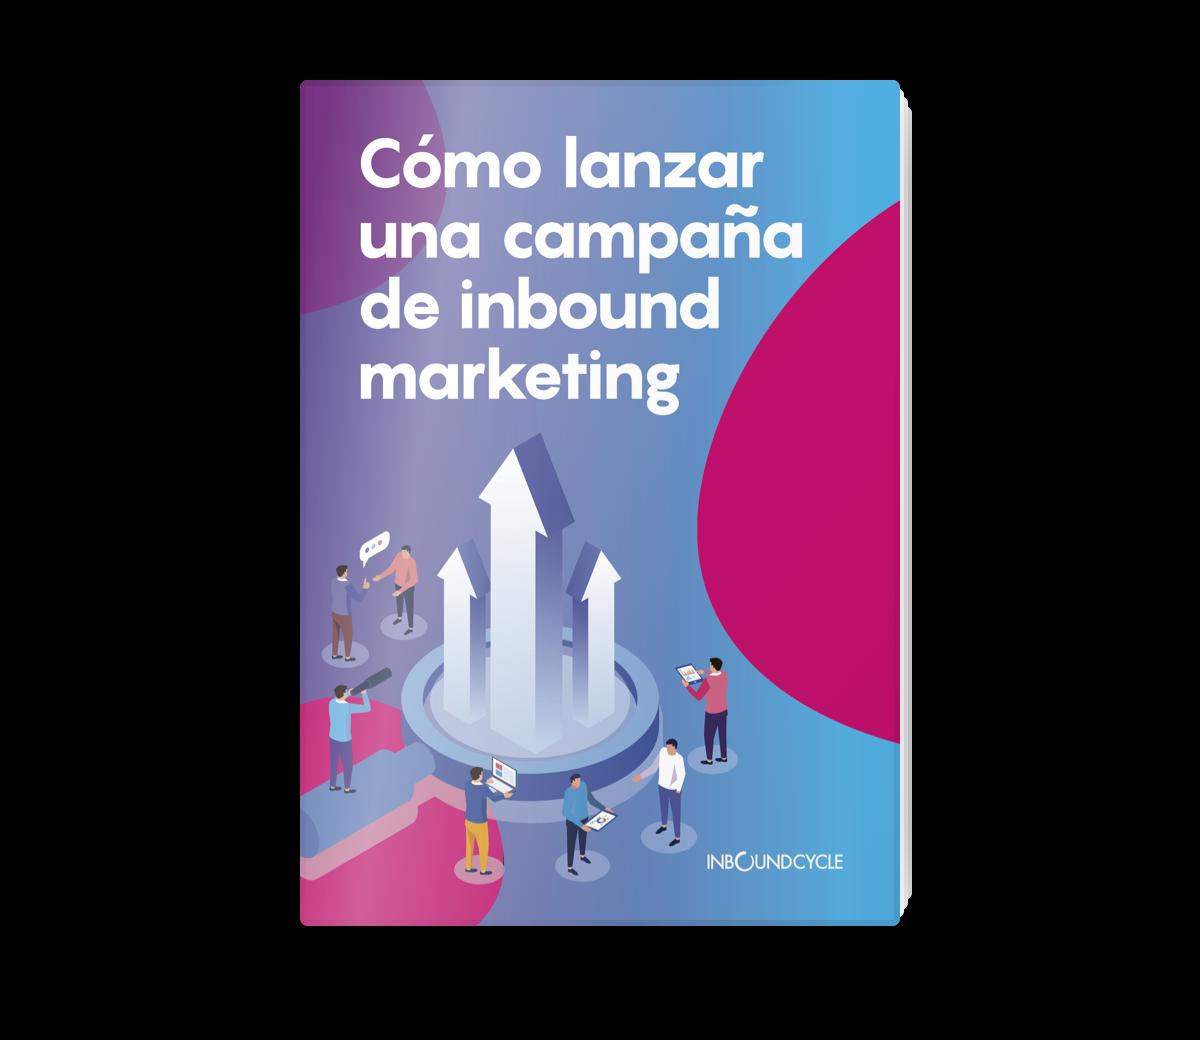 Portada - Email - Cómo lanzar una campaña de inbound marketing